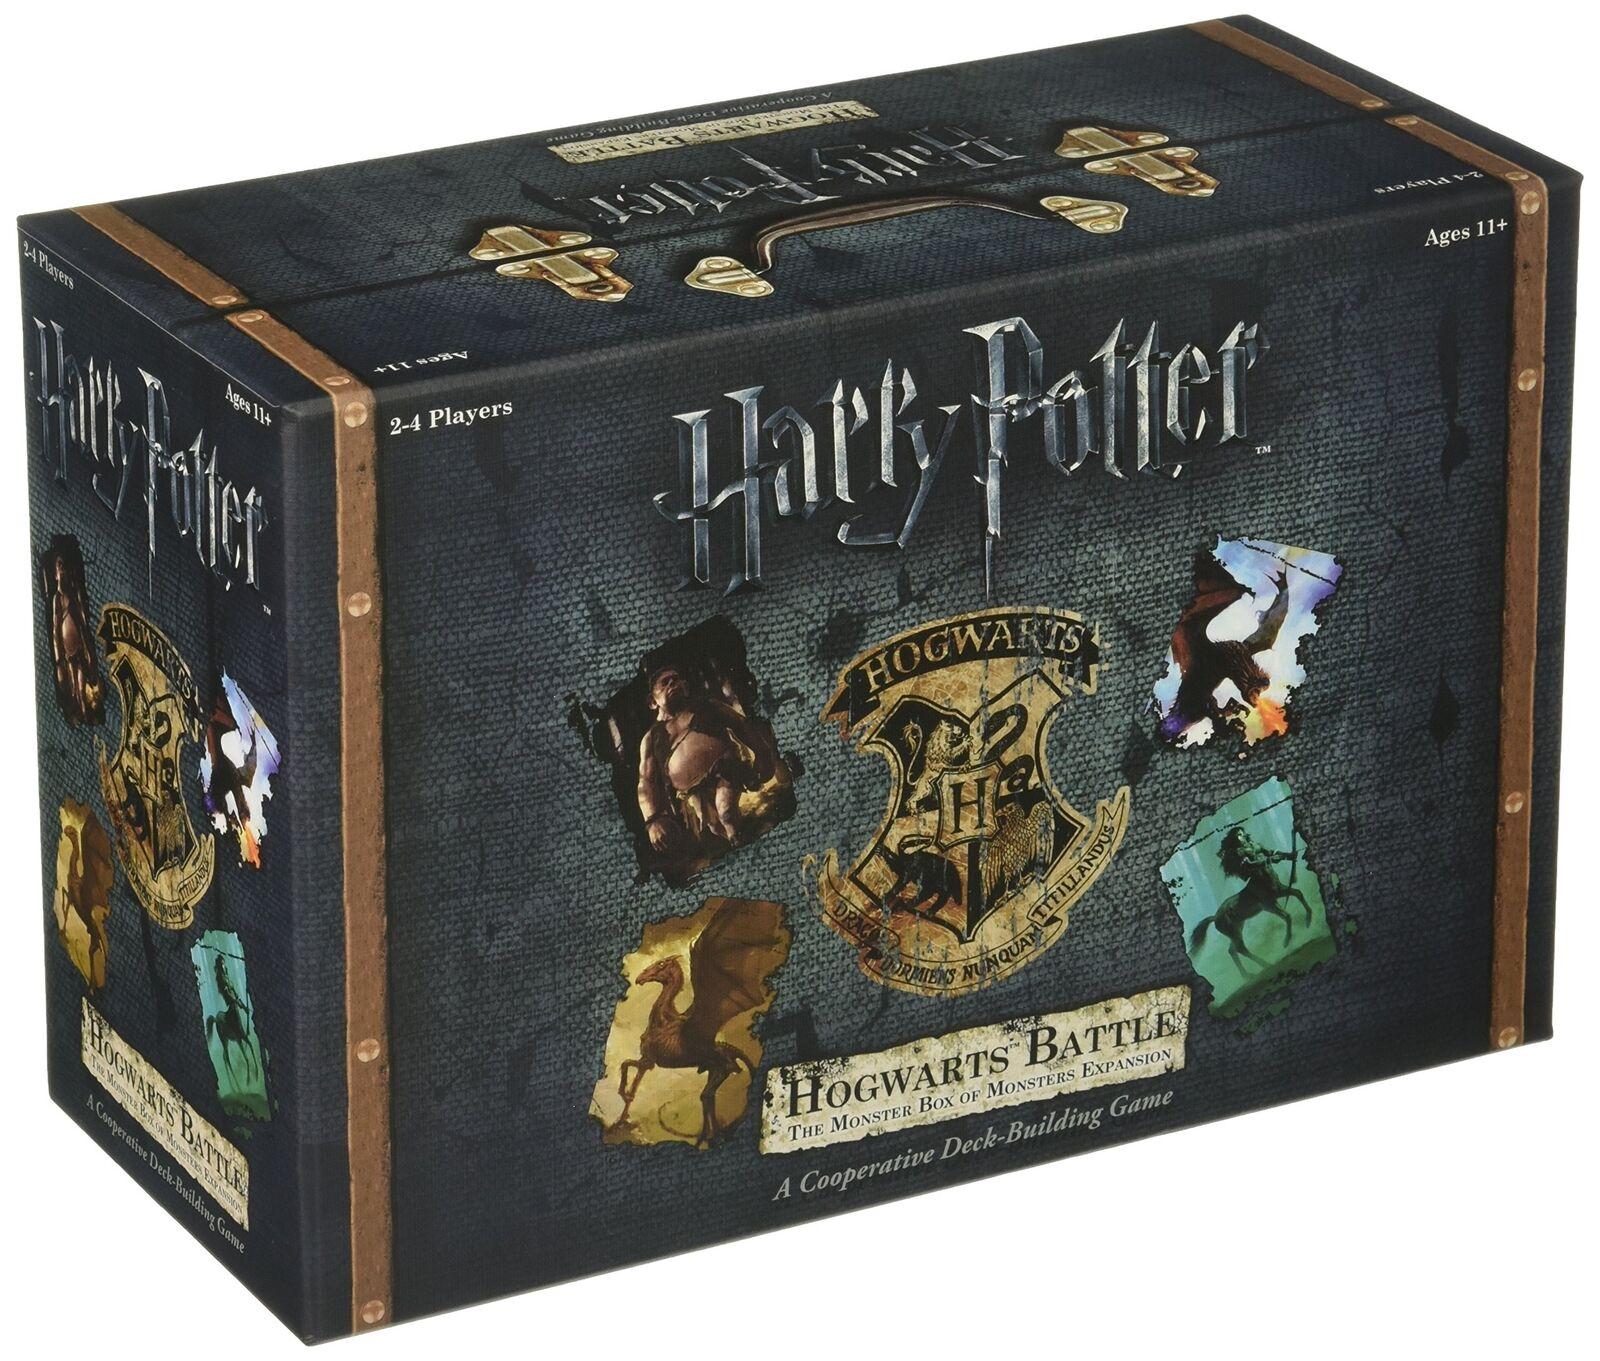 USAopoly usodb 010508 Harry Potter Hogwarts BATTAGLIA SCATOLA DI MOSTRI espansione,.